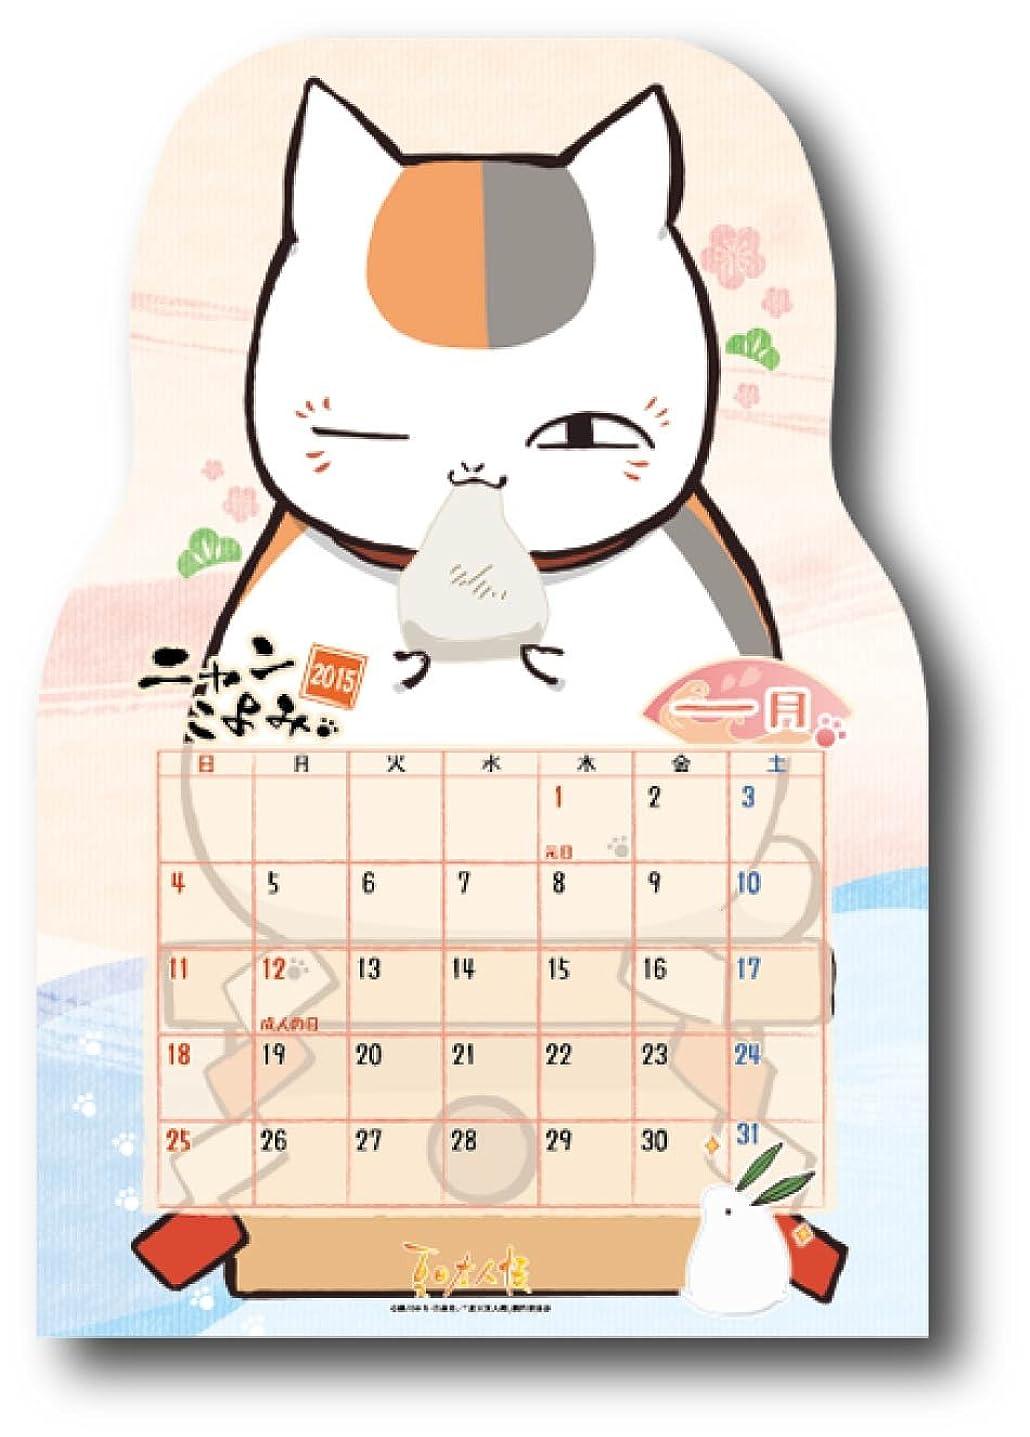 膨らみ霜マイクロプロセッサ2015カレンダー ニャンこよみ(夏目友人帳)